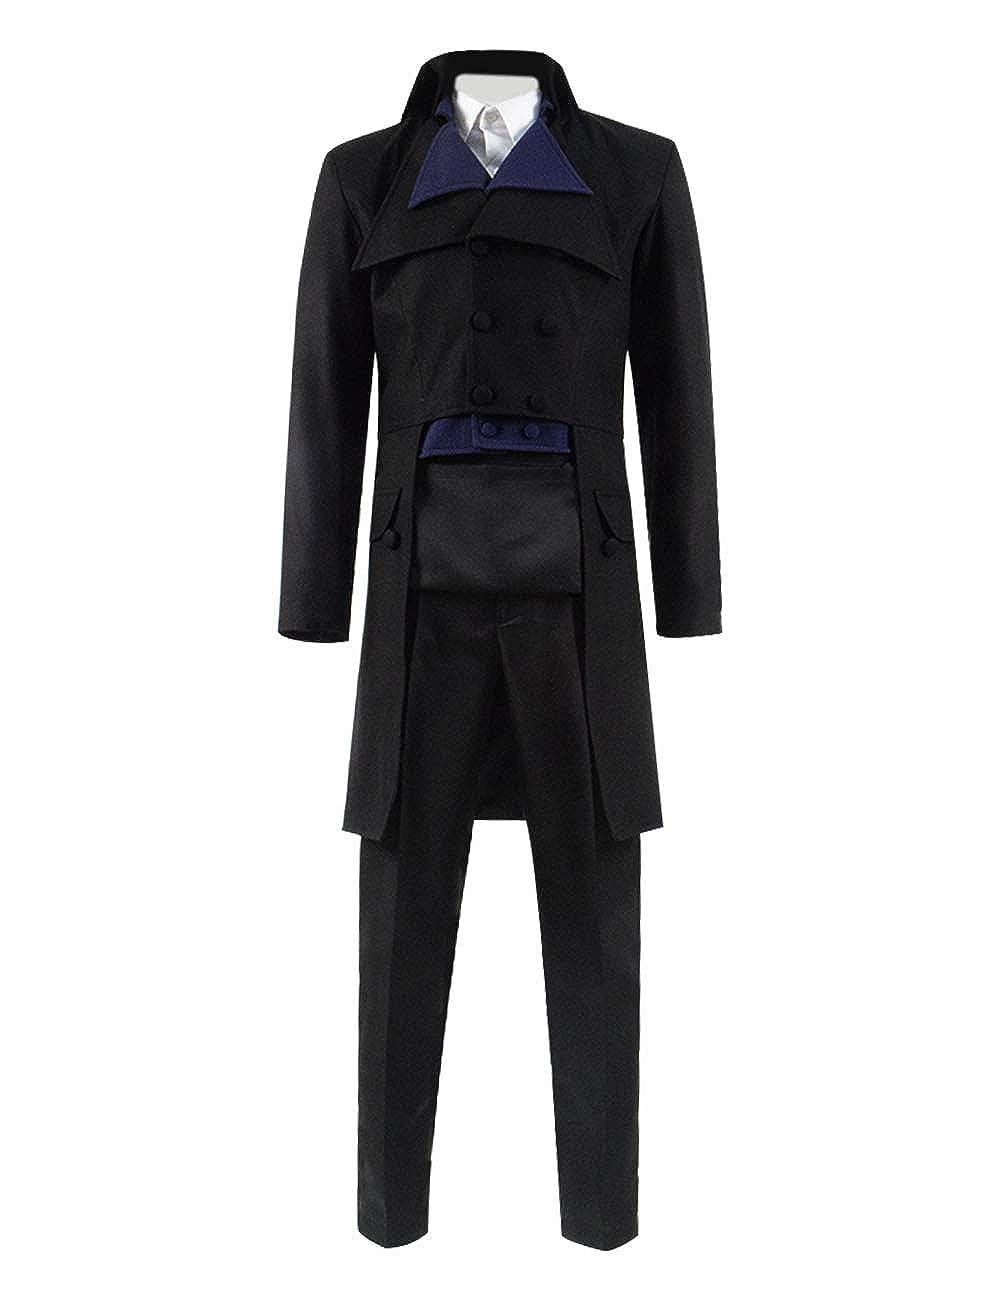 Yewei TV-Serie Polda Schwarz Kostüm Herren Cosplay Mantel Hemd Hosen Kostüm Outfit B07PVFVWJZ Kostüme für Erwachsene Hohe Qualität und geringer Aufwand     | Haben Wir Lob Von Kunden Gewonnen